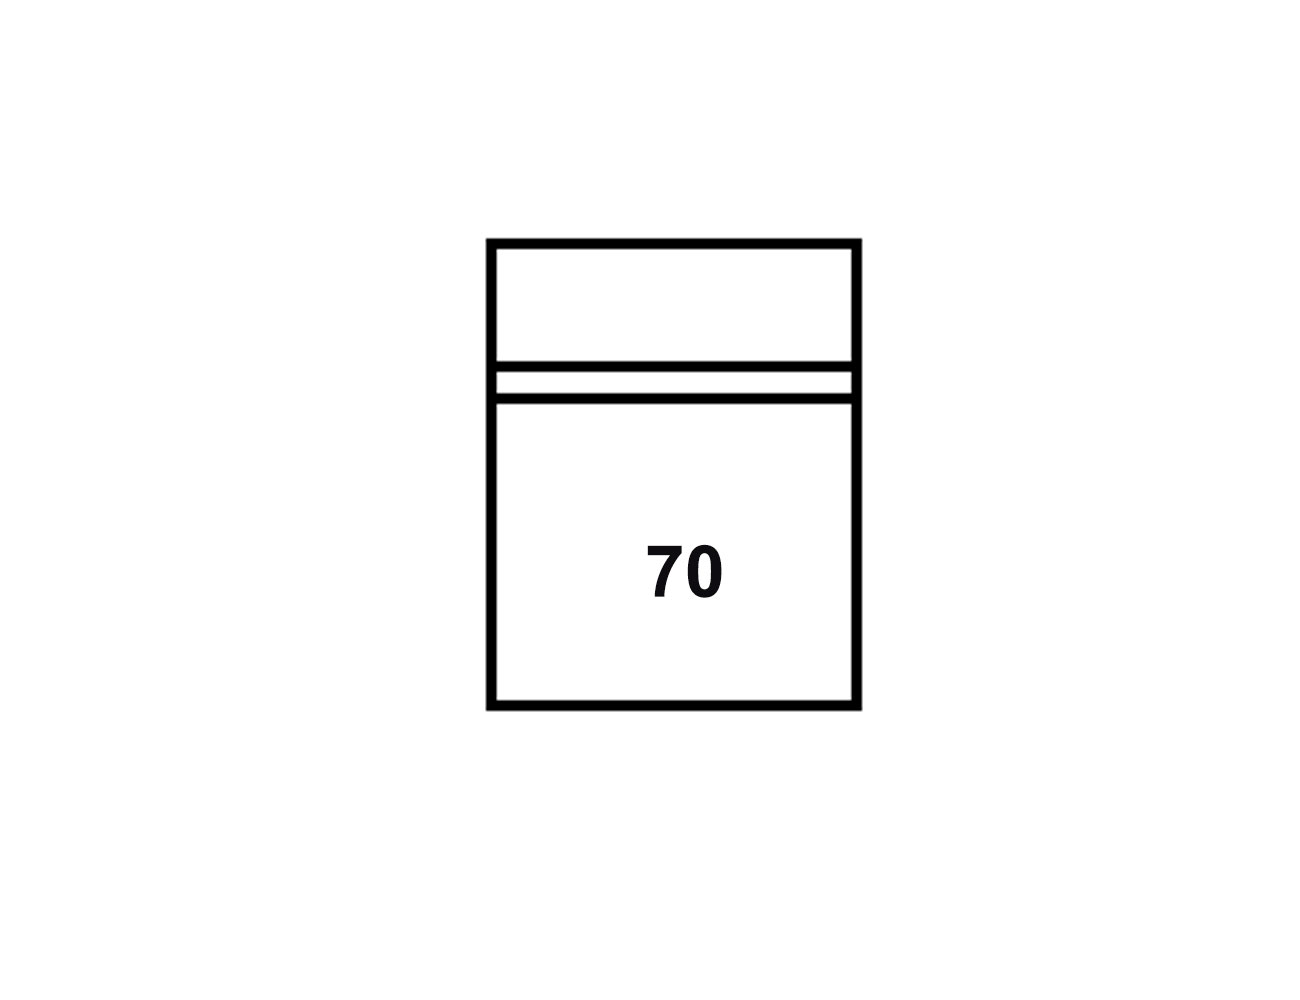 Modulo 1p 703